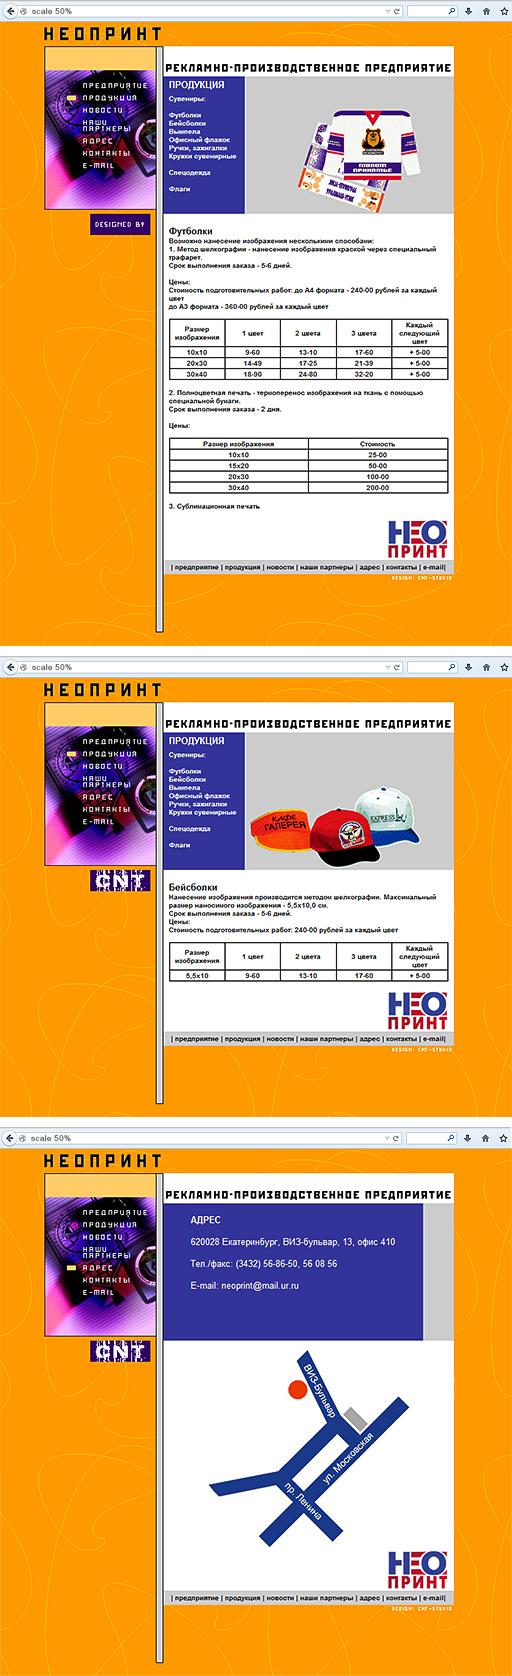 2001 - «Неопринт» - рекламно-производственное предприятие